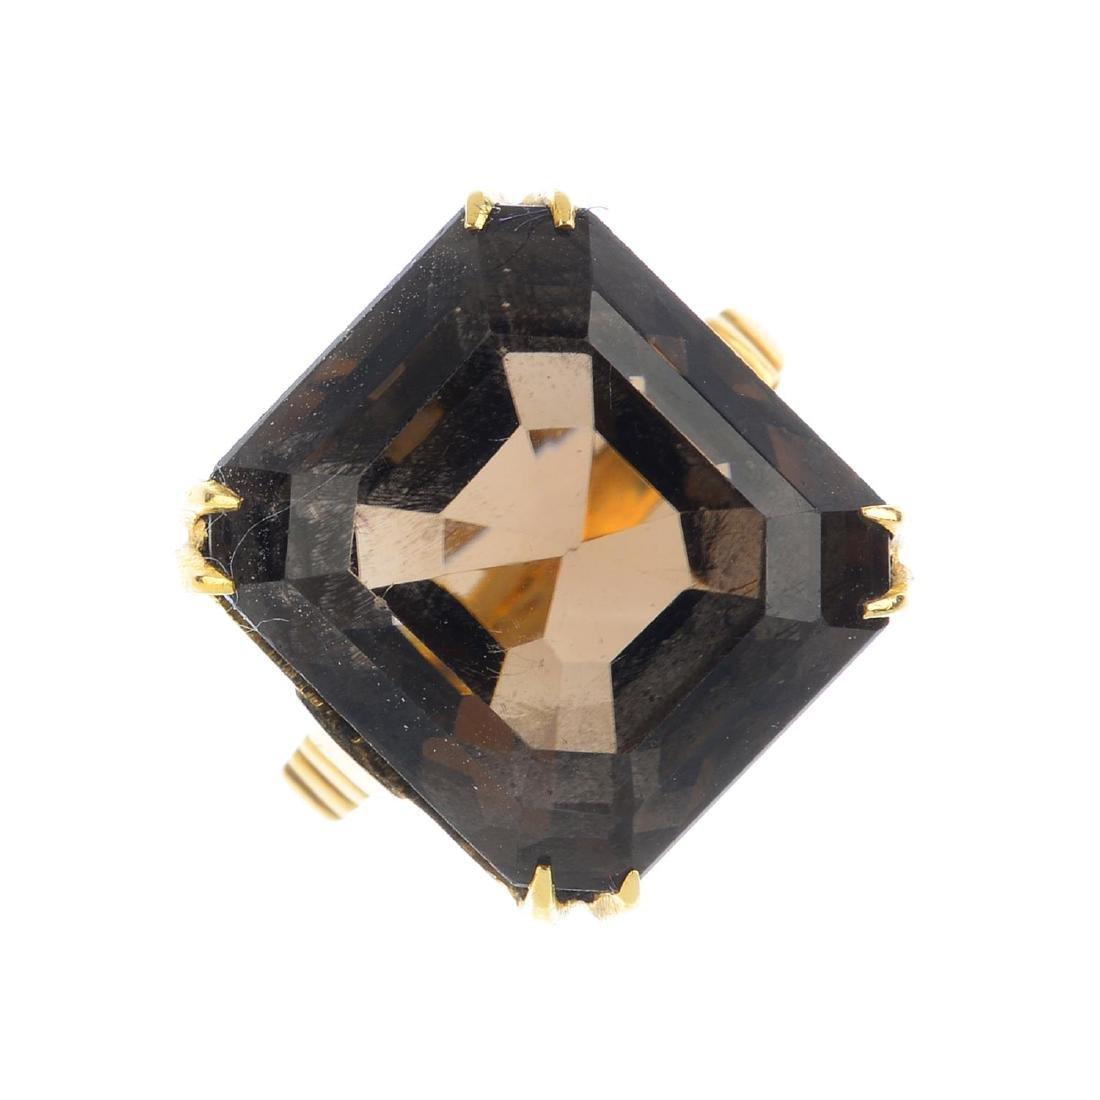 A smoky quartz dress ring. The rectangular-shape smoky